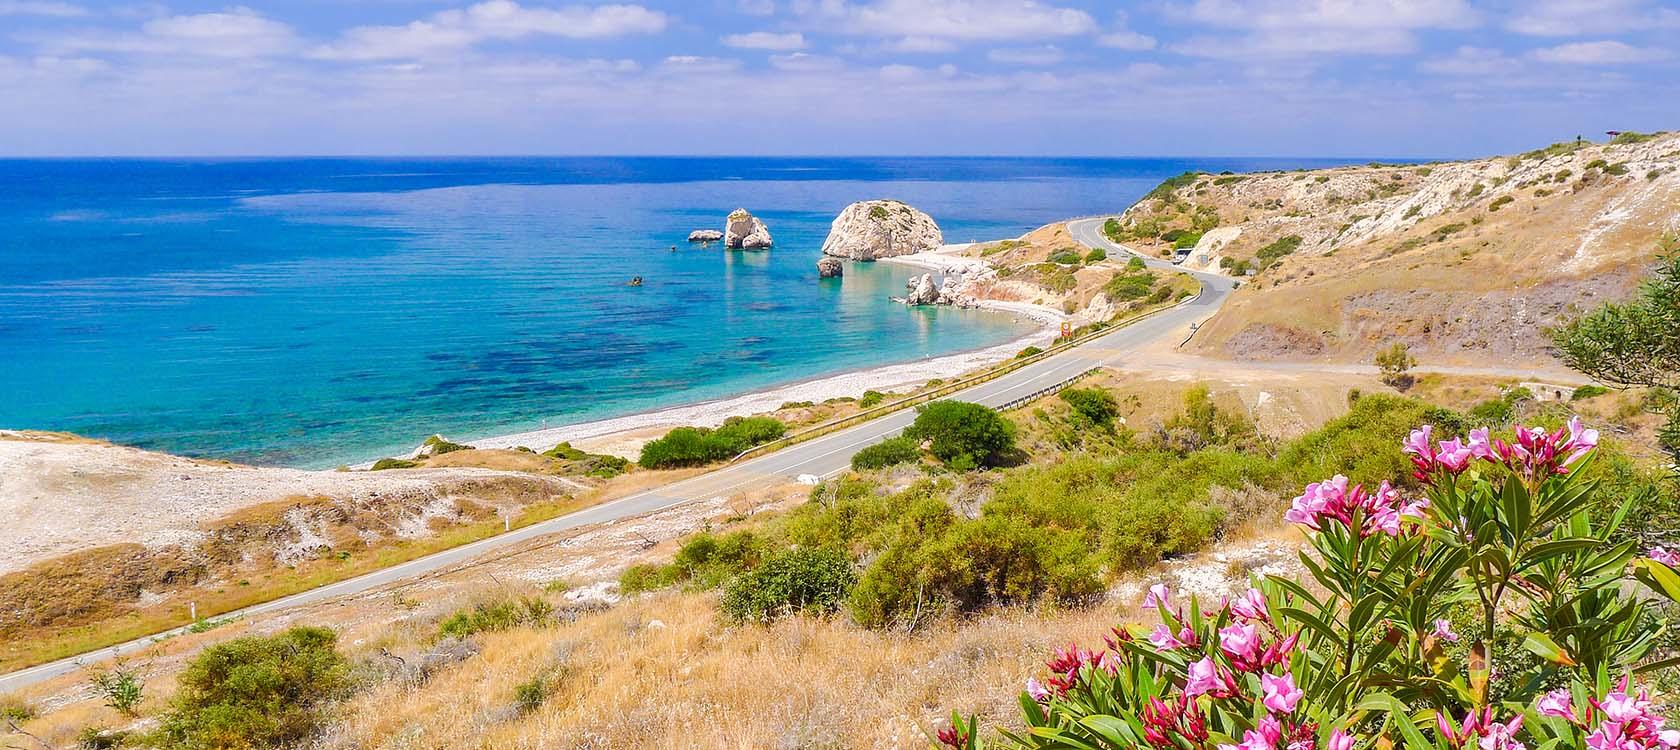 Res till Cypern och njut av vacker natur, kuststräckor och sol.